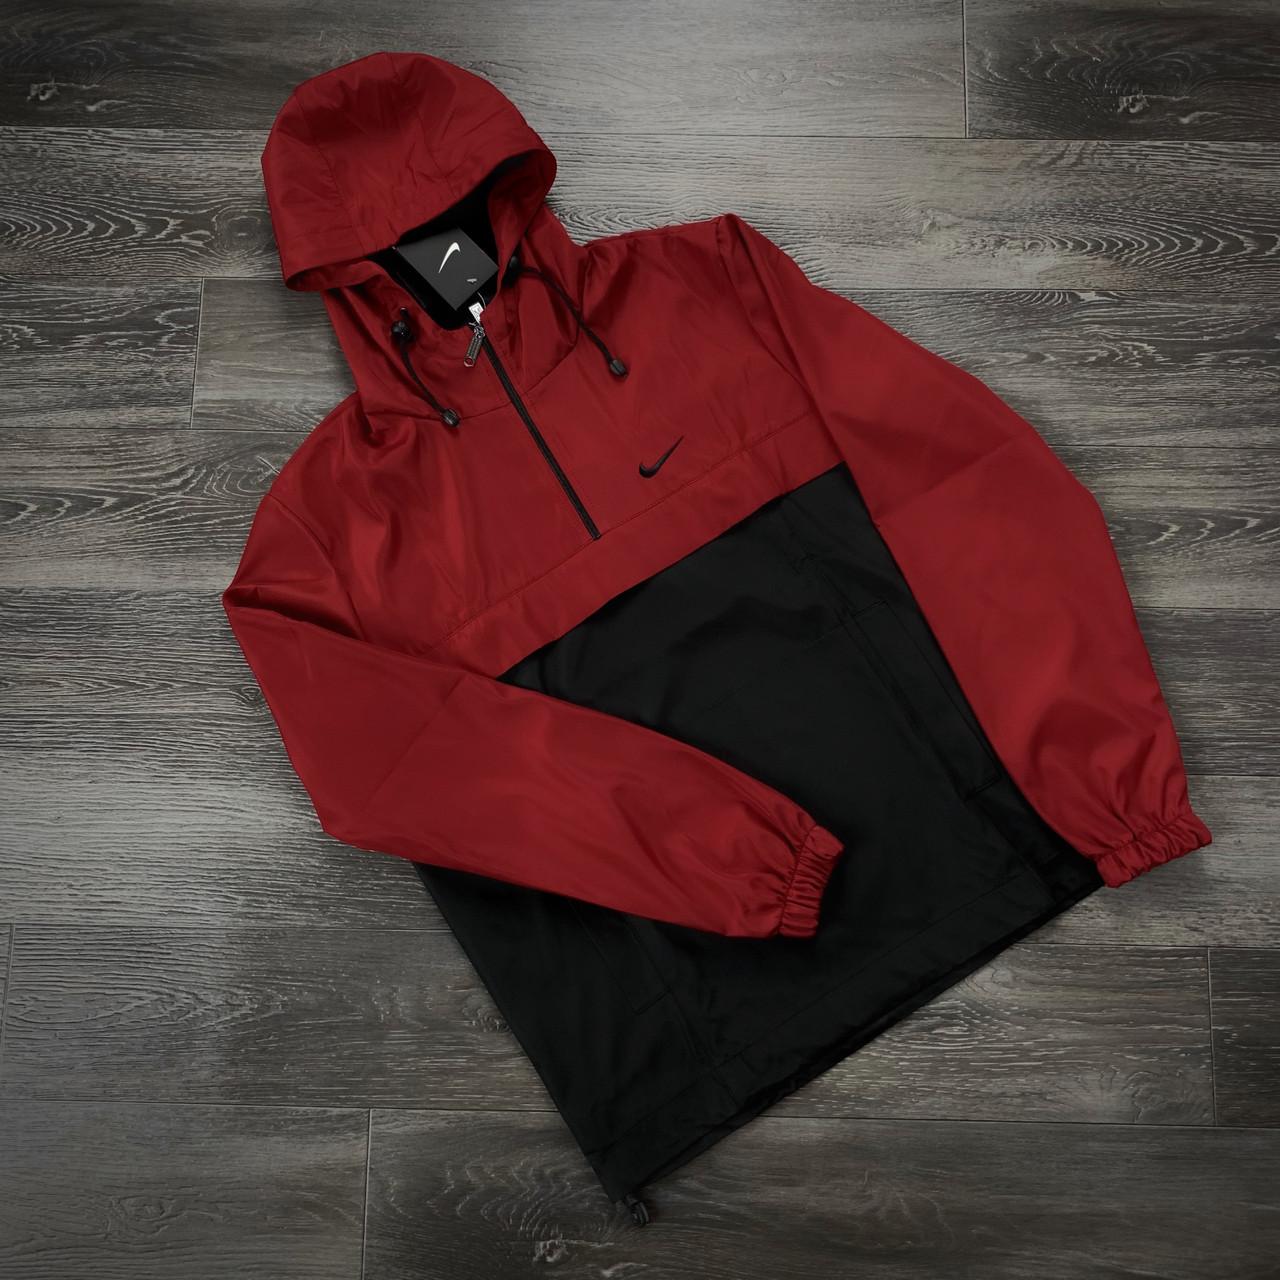 Анорак Nike President Мужской Черный - Красный найк ветровка осенняя весенняя спортивная